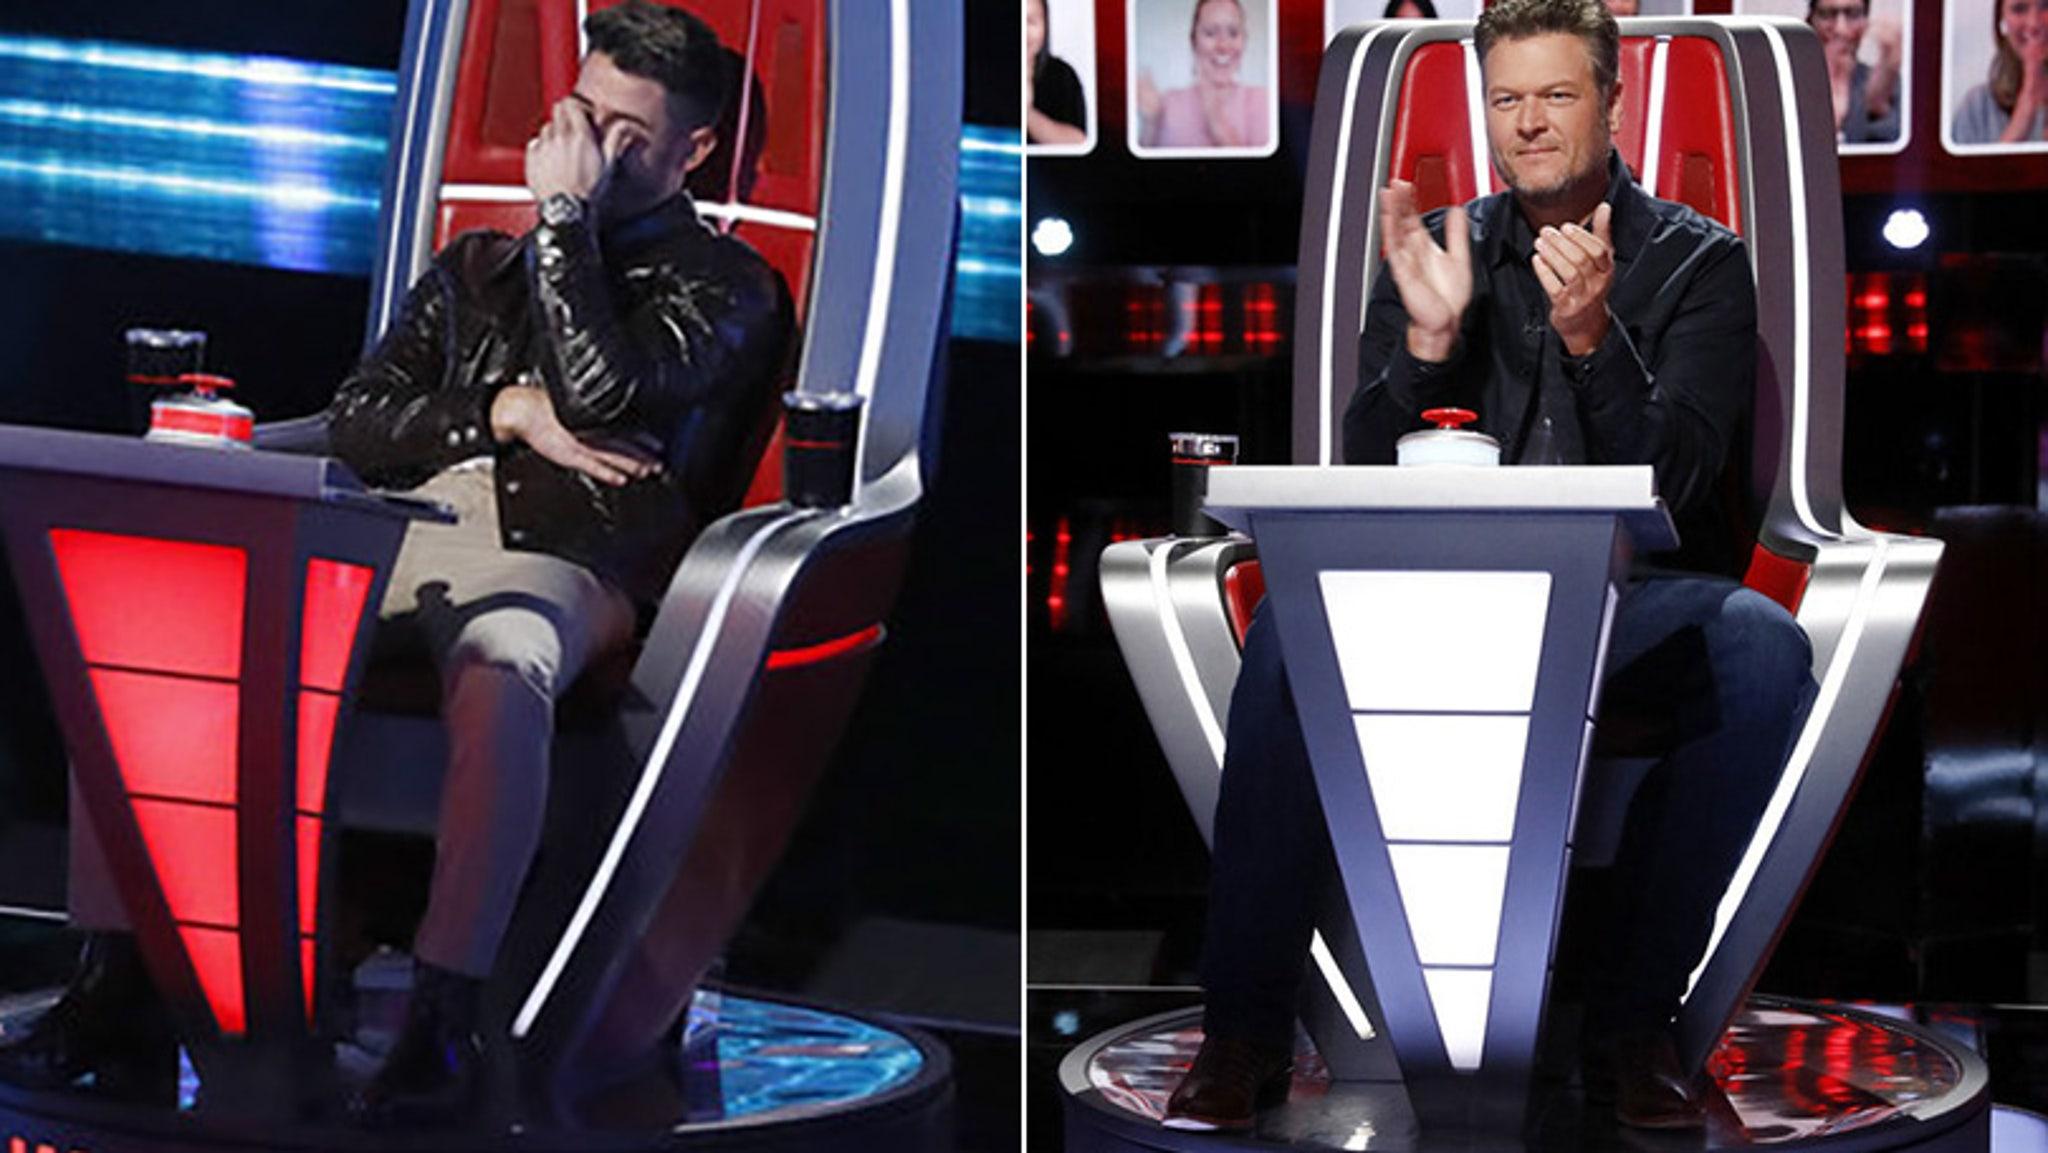 The Voice Recap Season 20, Episode 2: Blake Shelton Can't Stop Lying - TooFab